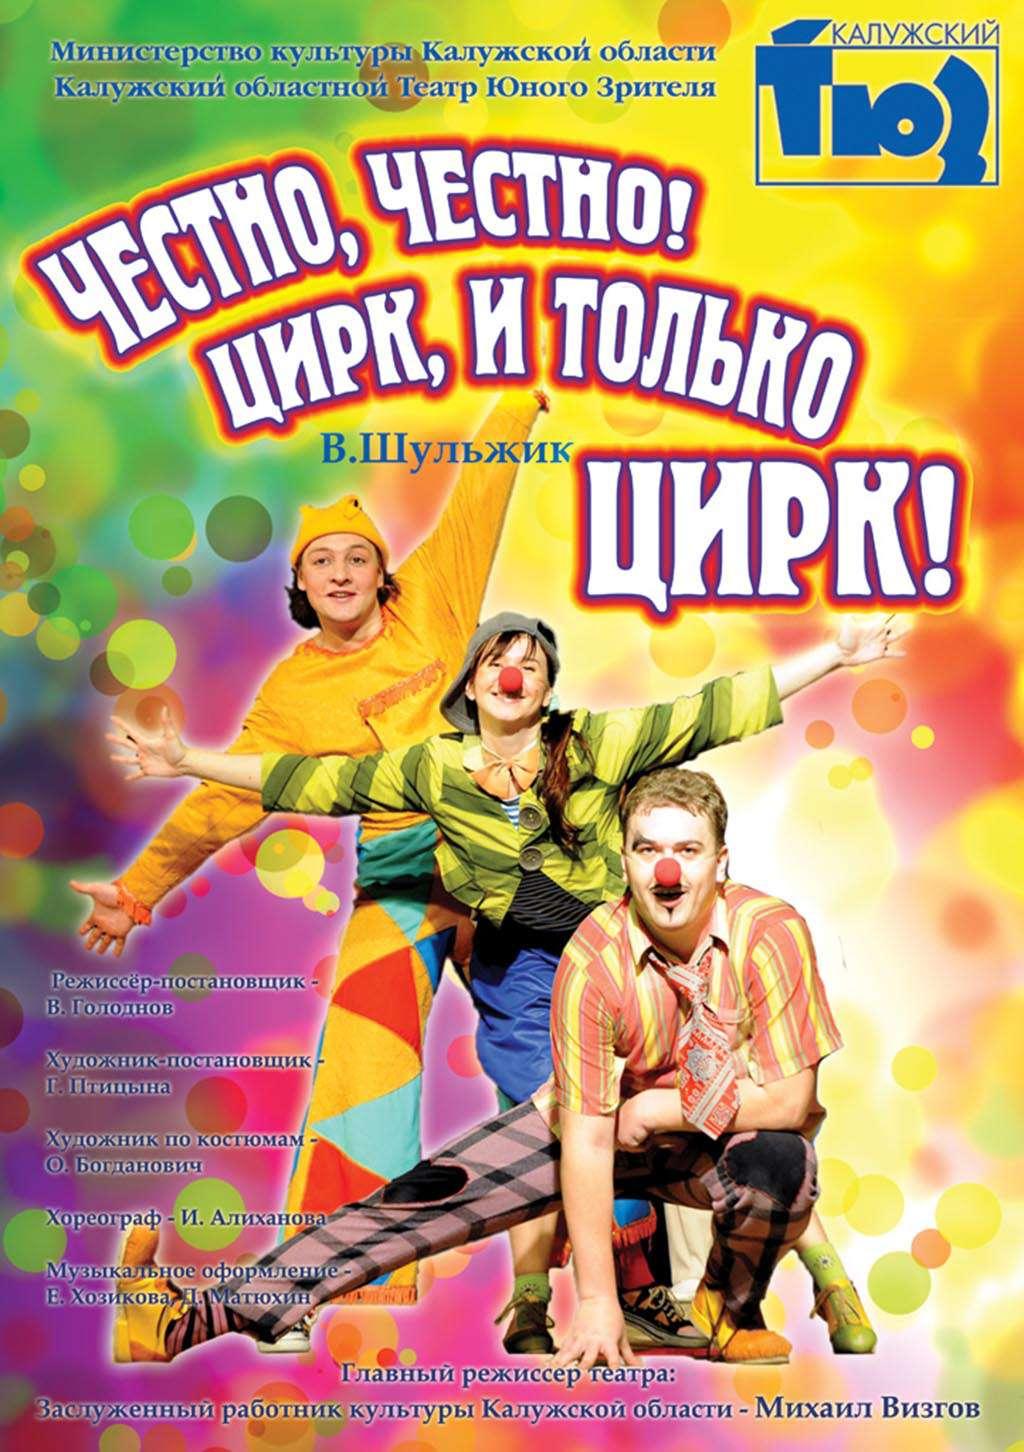 Детский спектакль «Честно-честно! Цирк, и только цирк!» в Калужском ТЮЗе